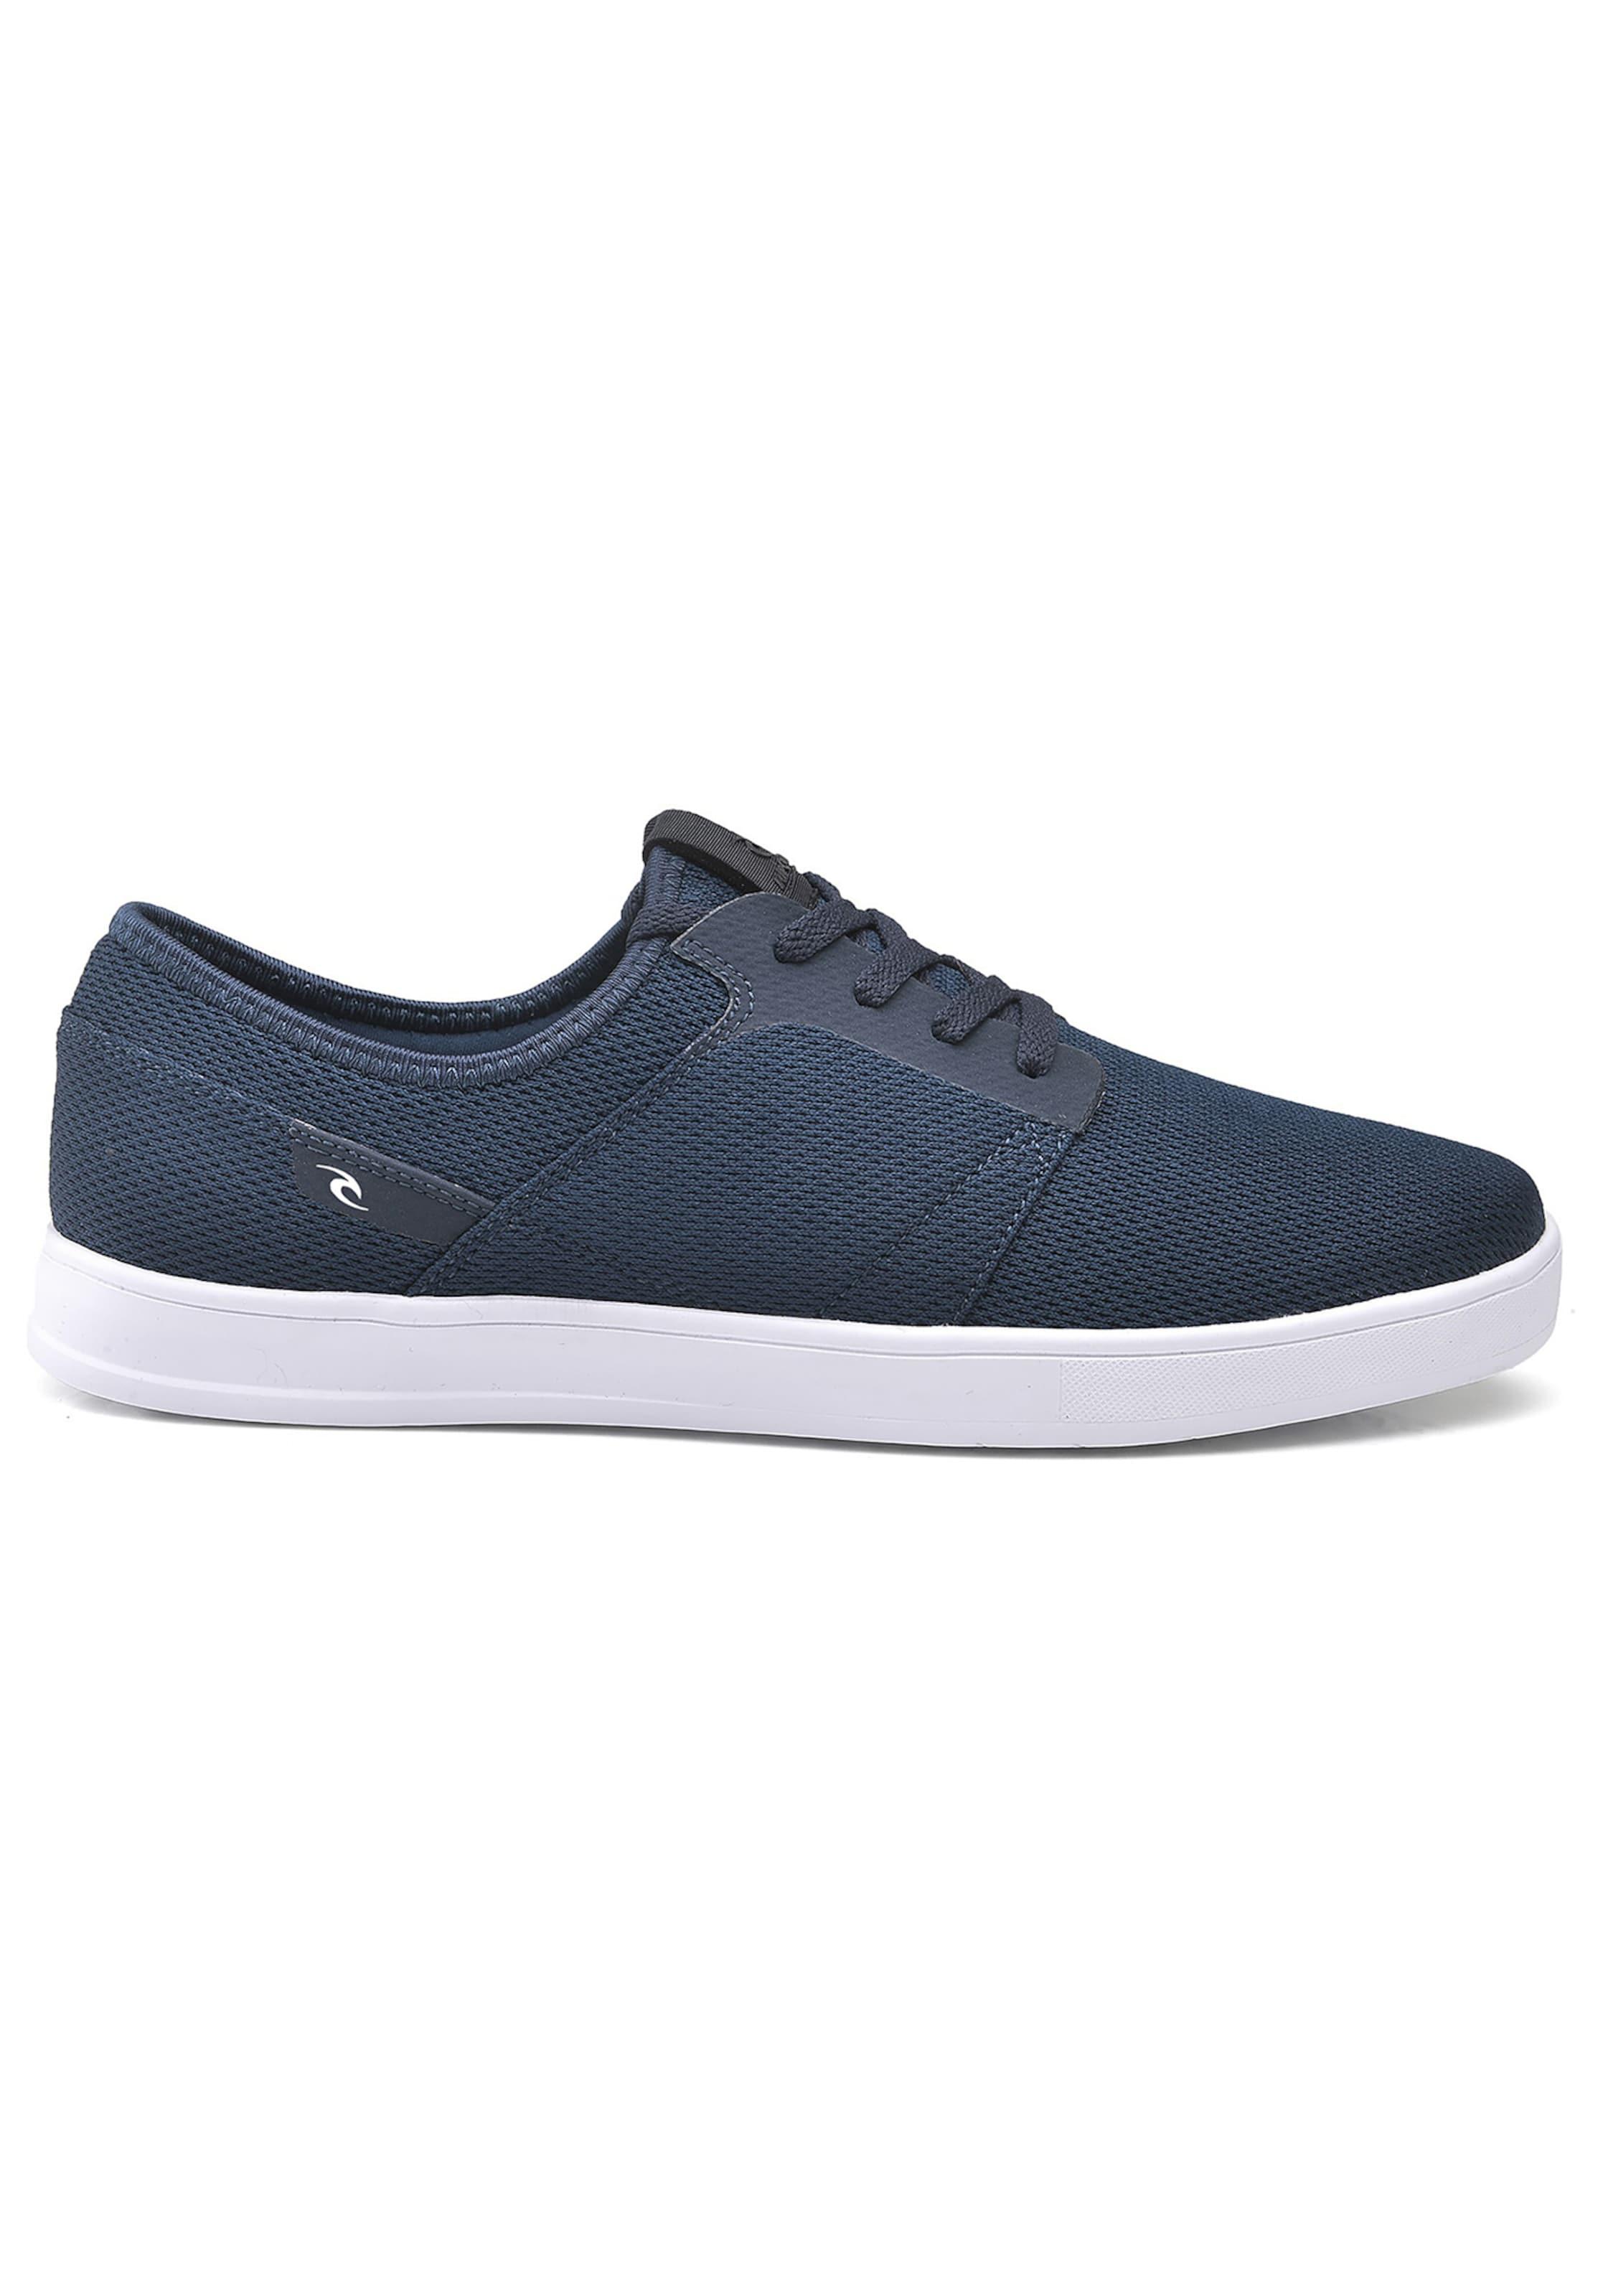 RIP billige CURL Raglan Sneaker Verschleißfeste billige RIP Schuhe 27071c